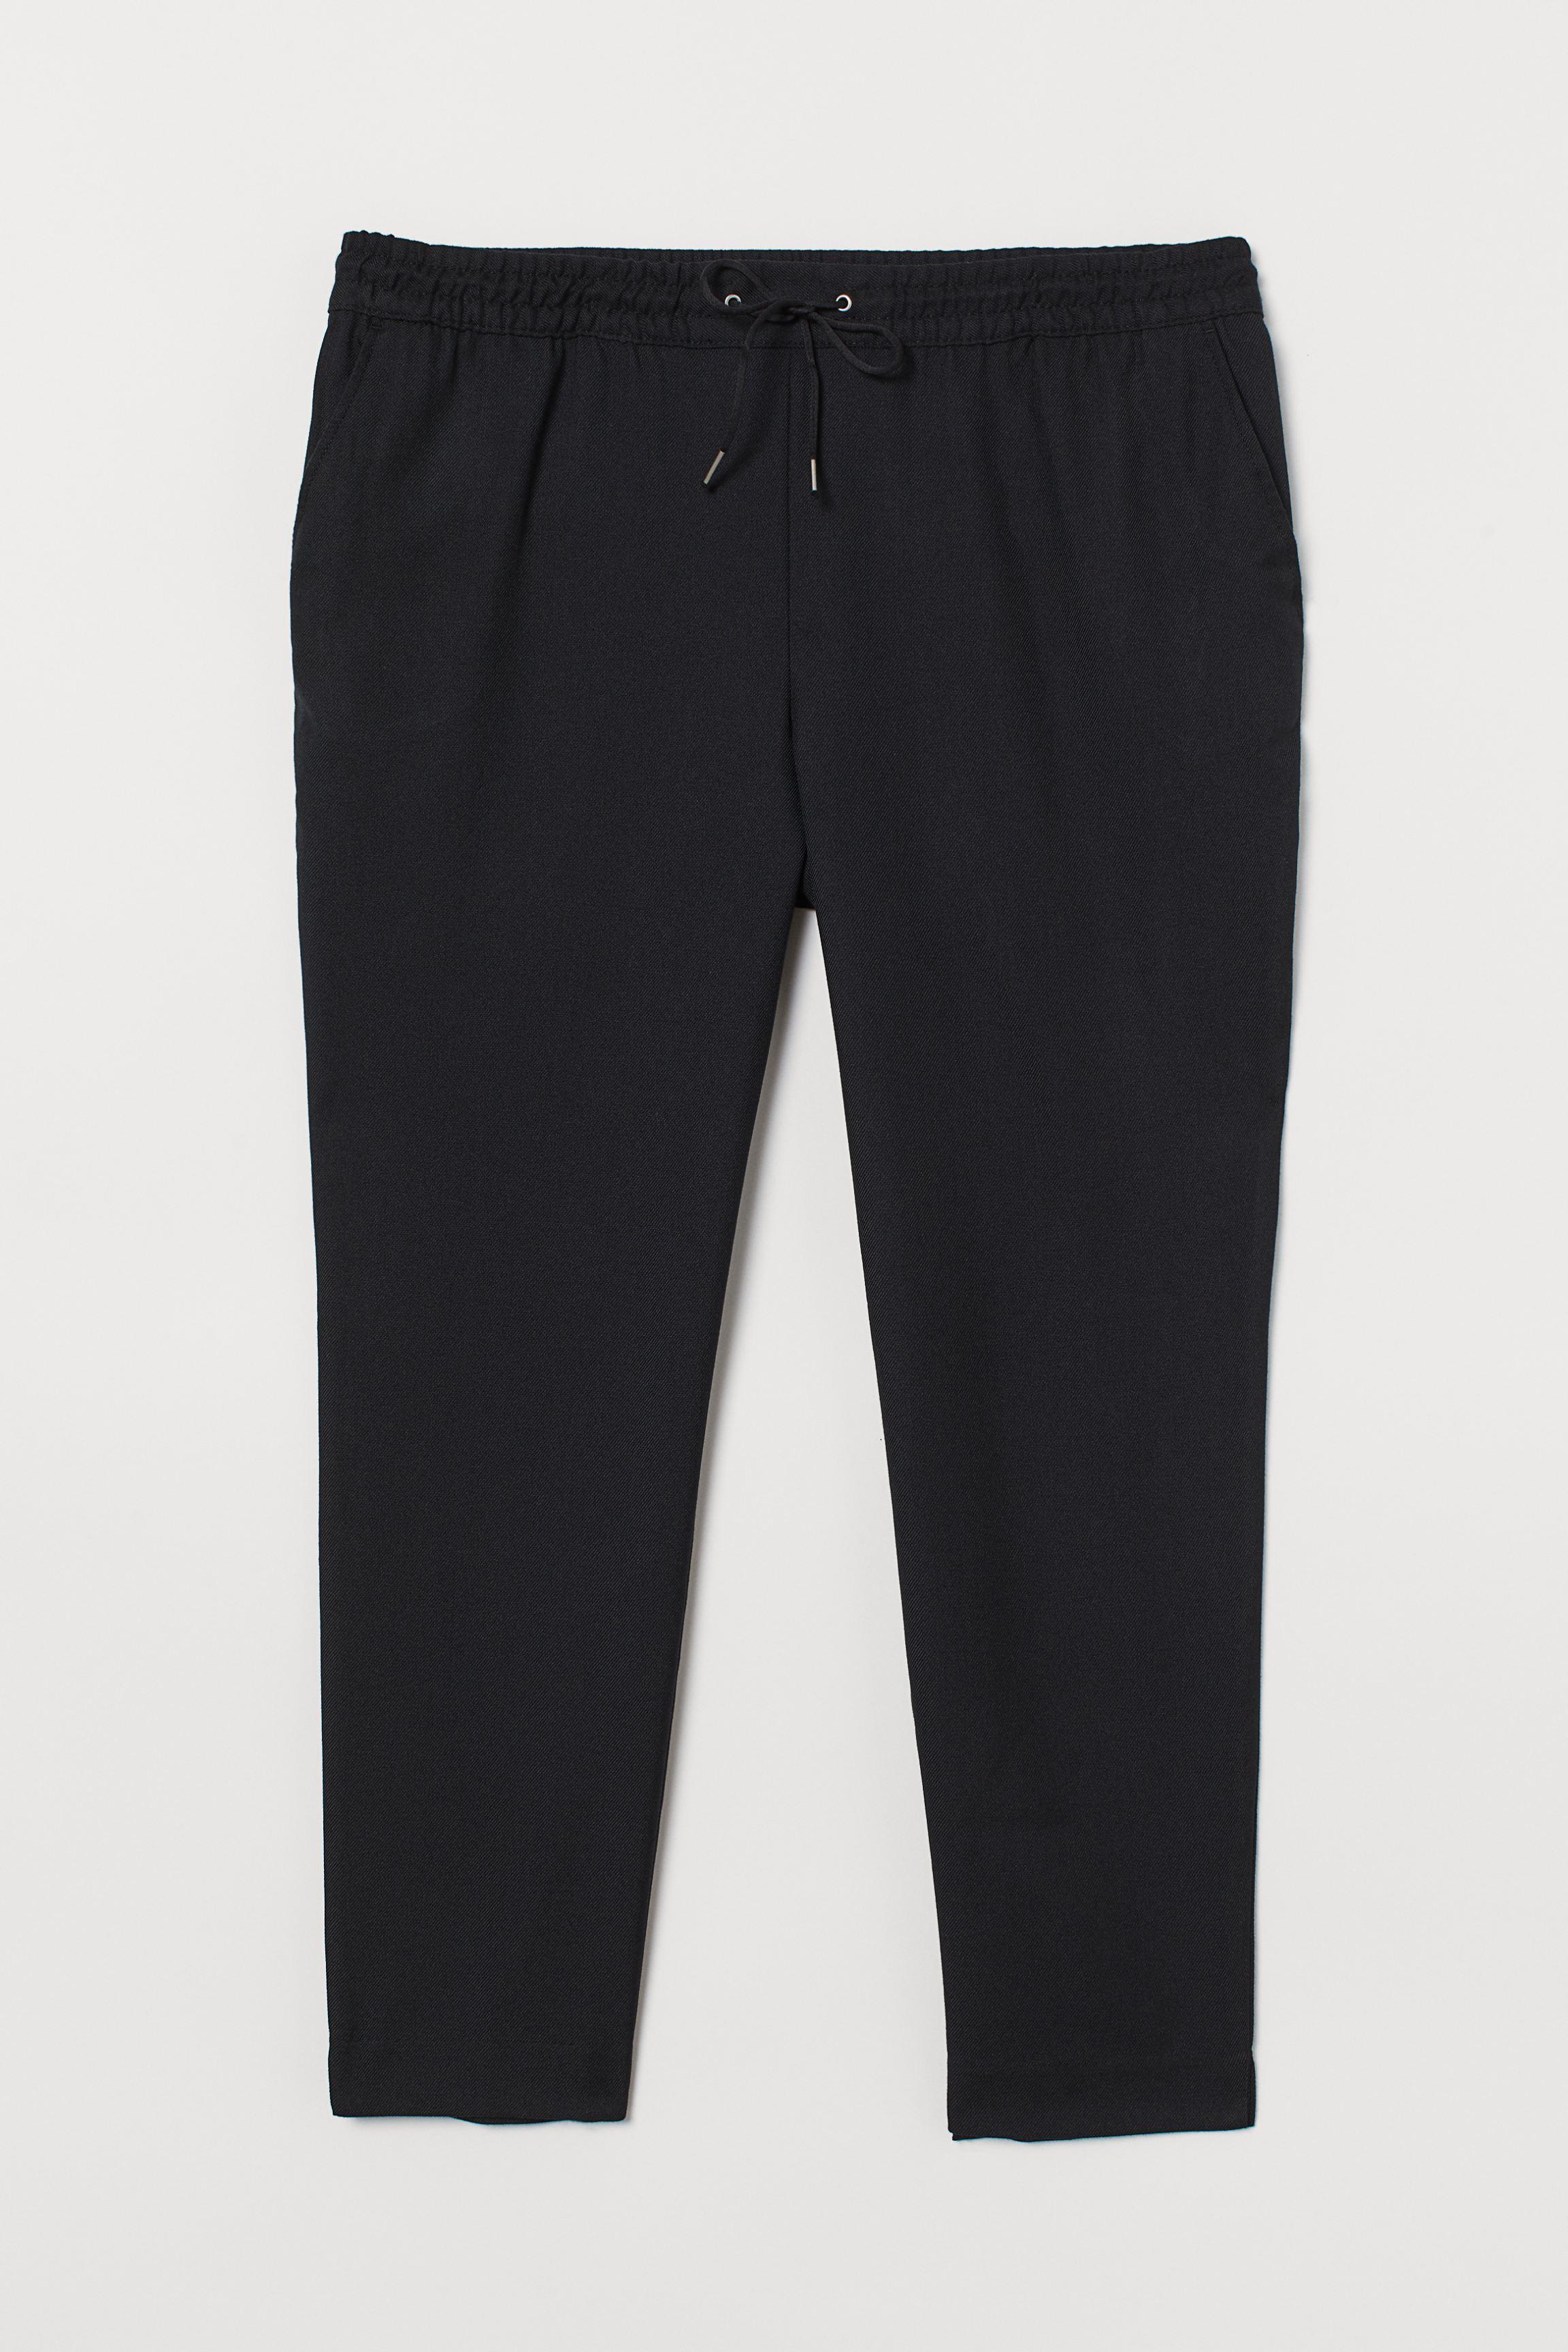 H&M+ Pull-on Pants